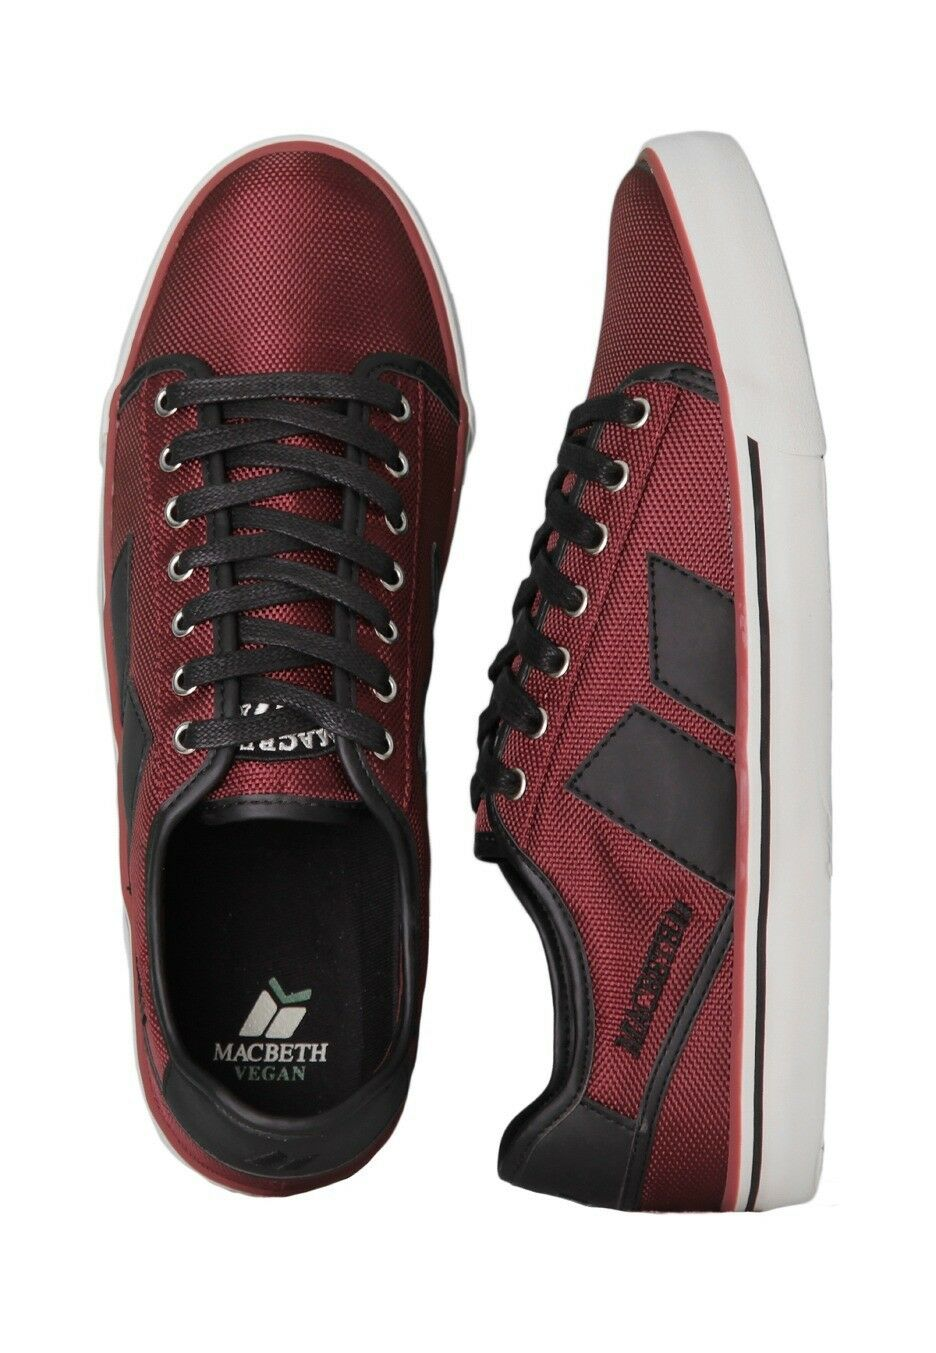 Macbeth James Leinen Turnschuhe Schuhe OchsenBlaut Rot Schwarz Vegan Größen UK 4-13